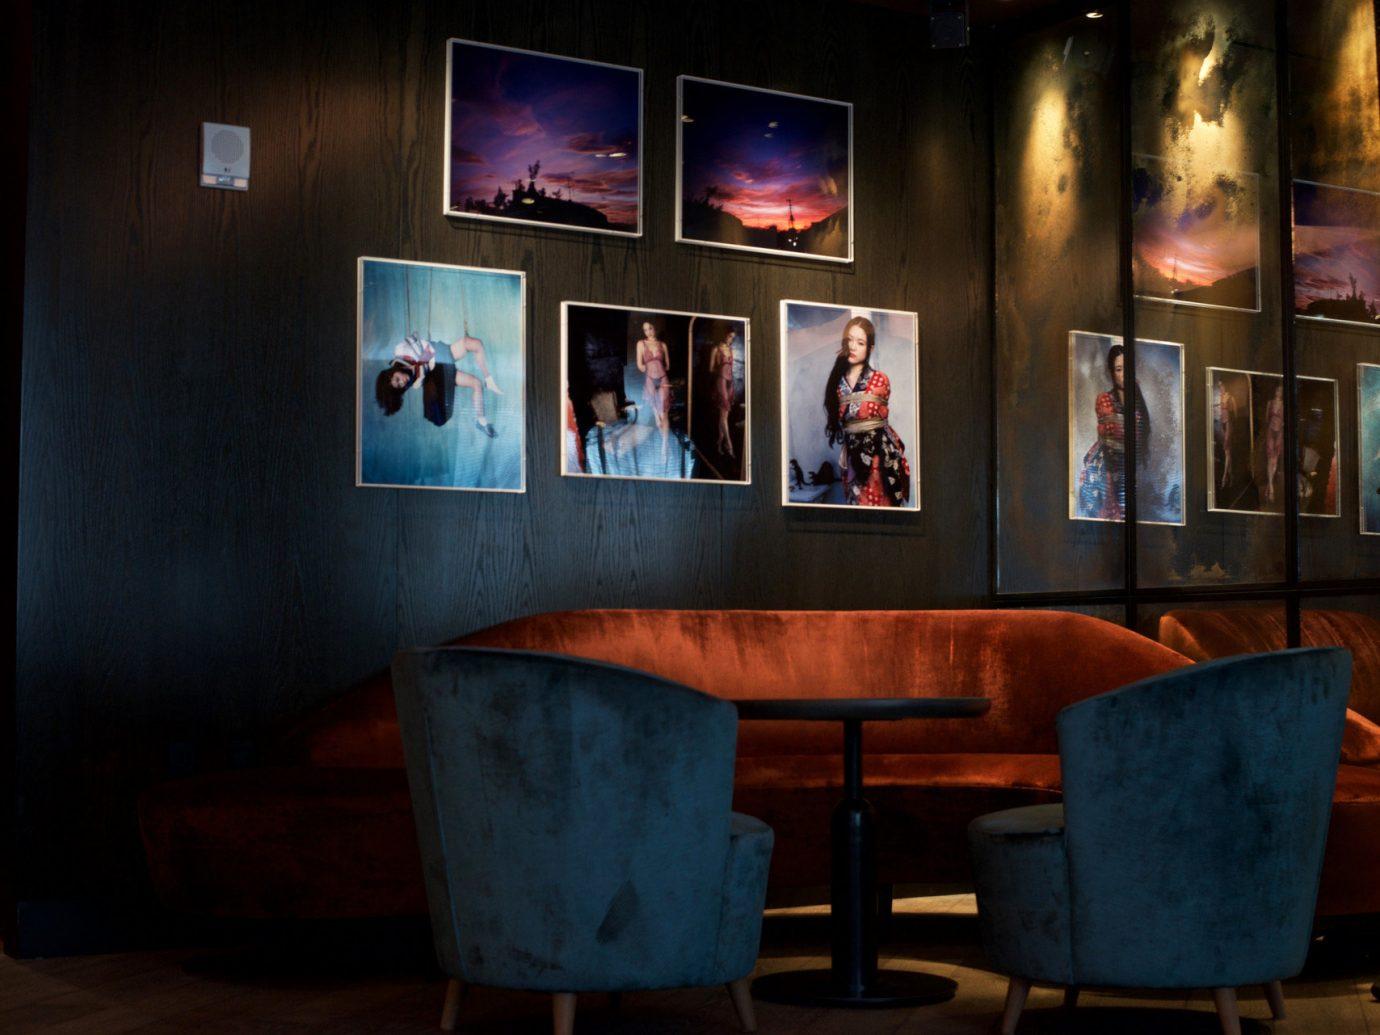 Hotels floor indoor art interior design tourist attraction